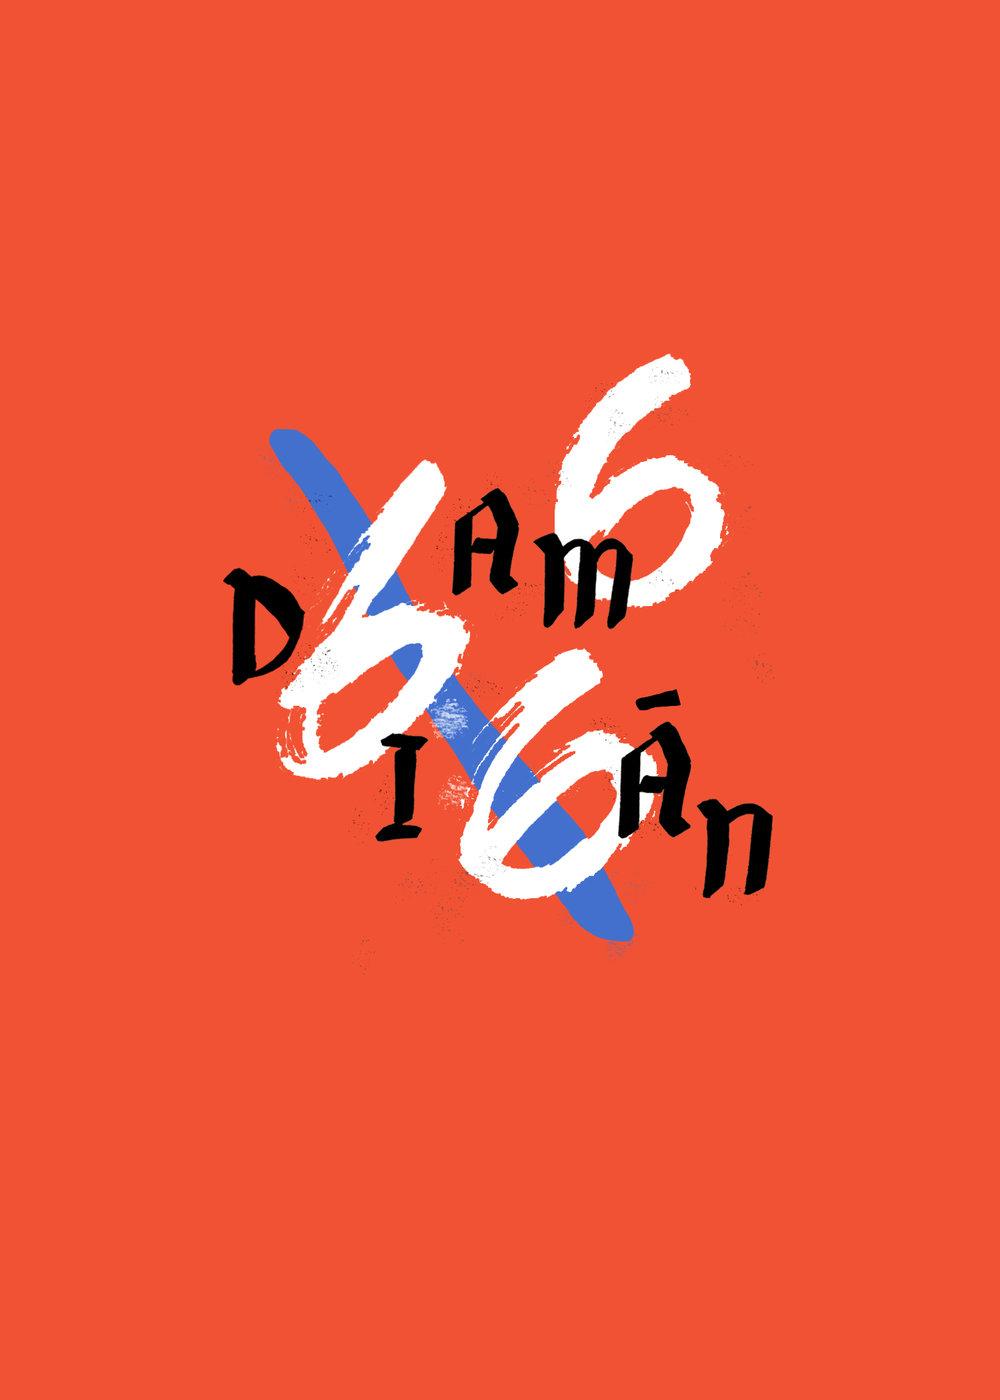 6.Damian666.jpg